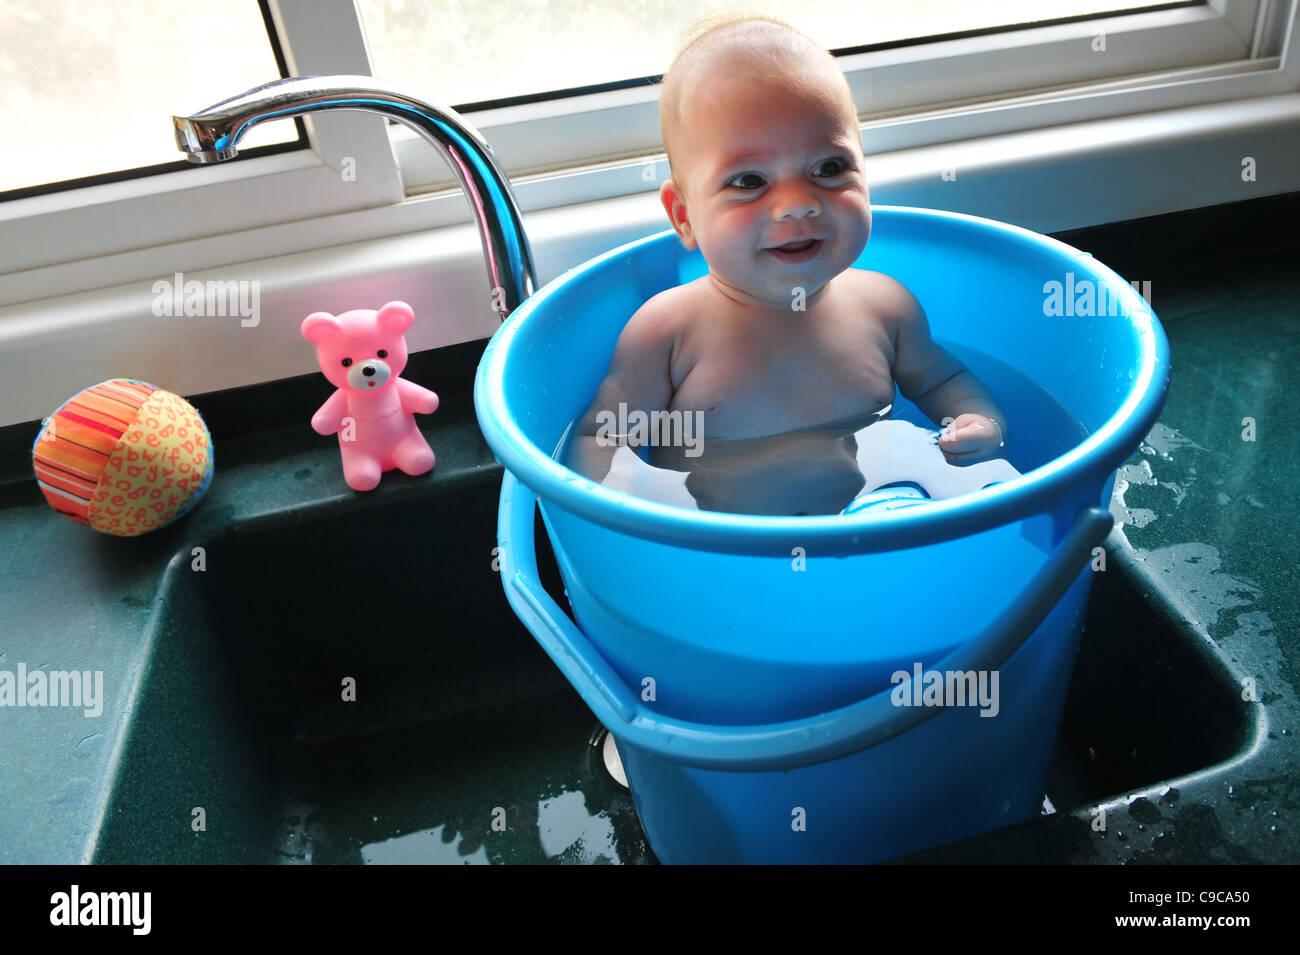 Ein Baby in einem blauen Eimer kühlt sich in der Hitze des Sommers Stockbild